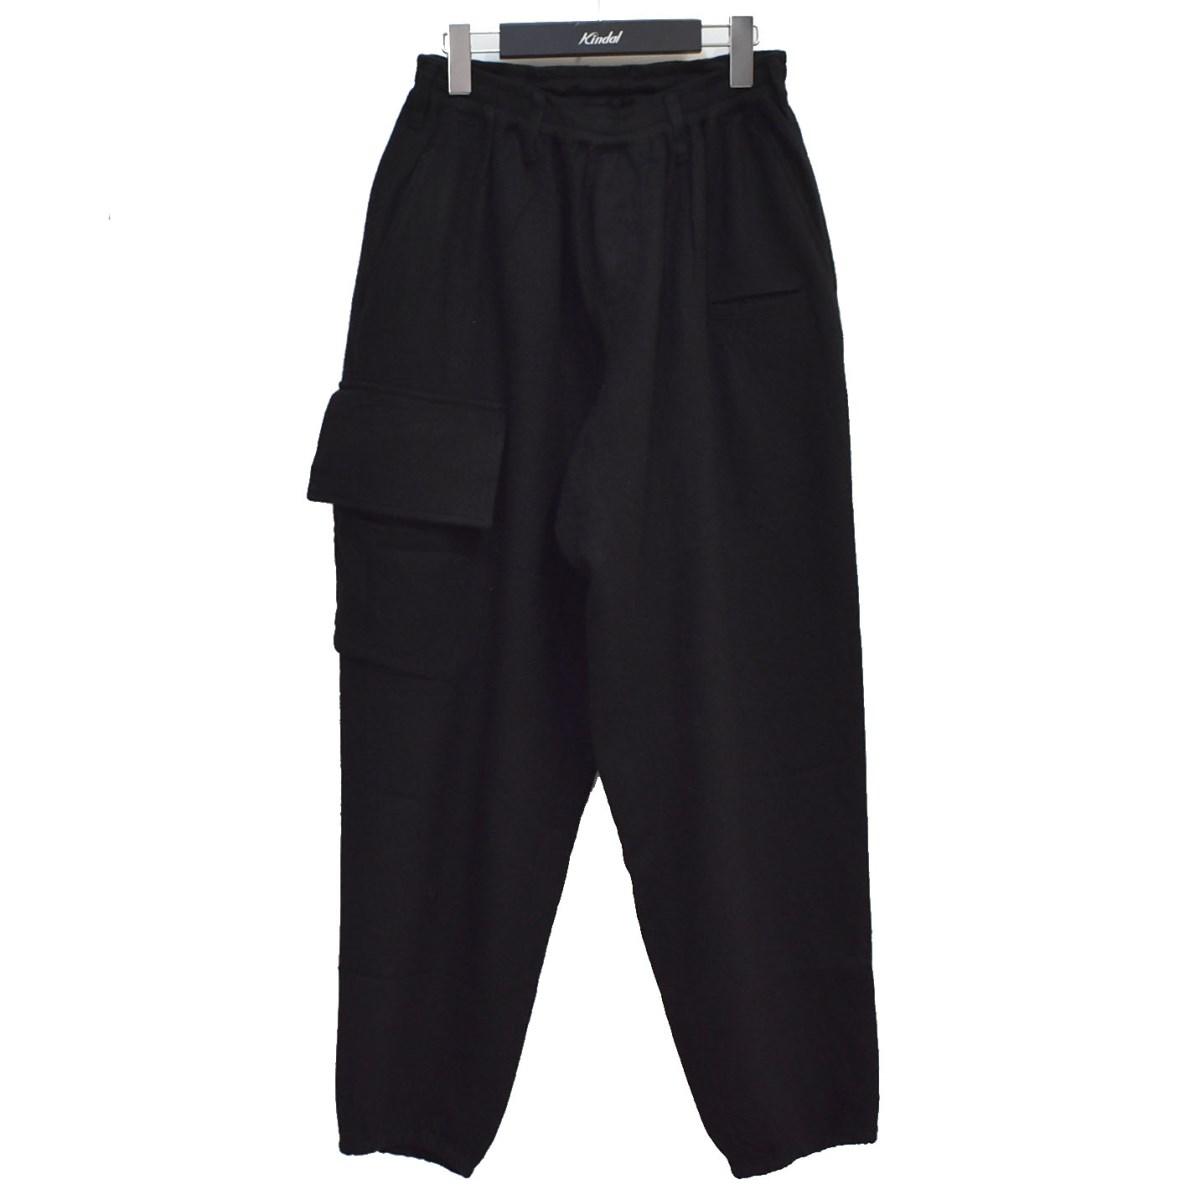 メンズファッション, ズボン・パンツ REGULATION Yohji Yamamoto 17AW 1 281220